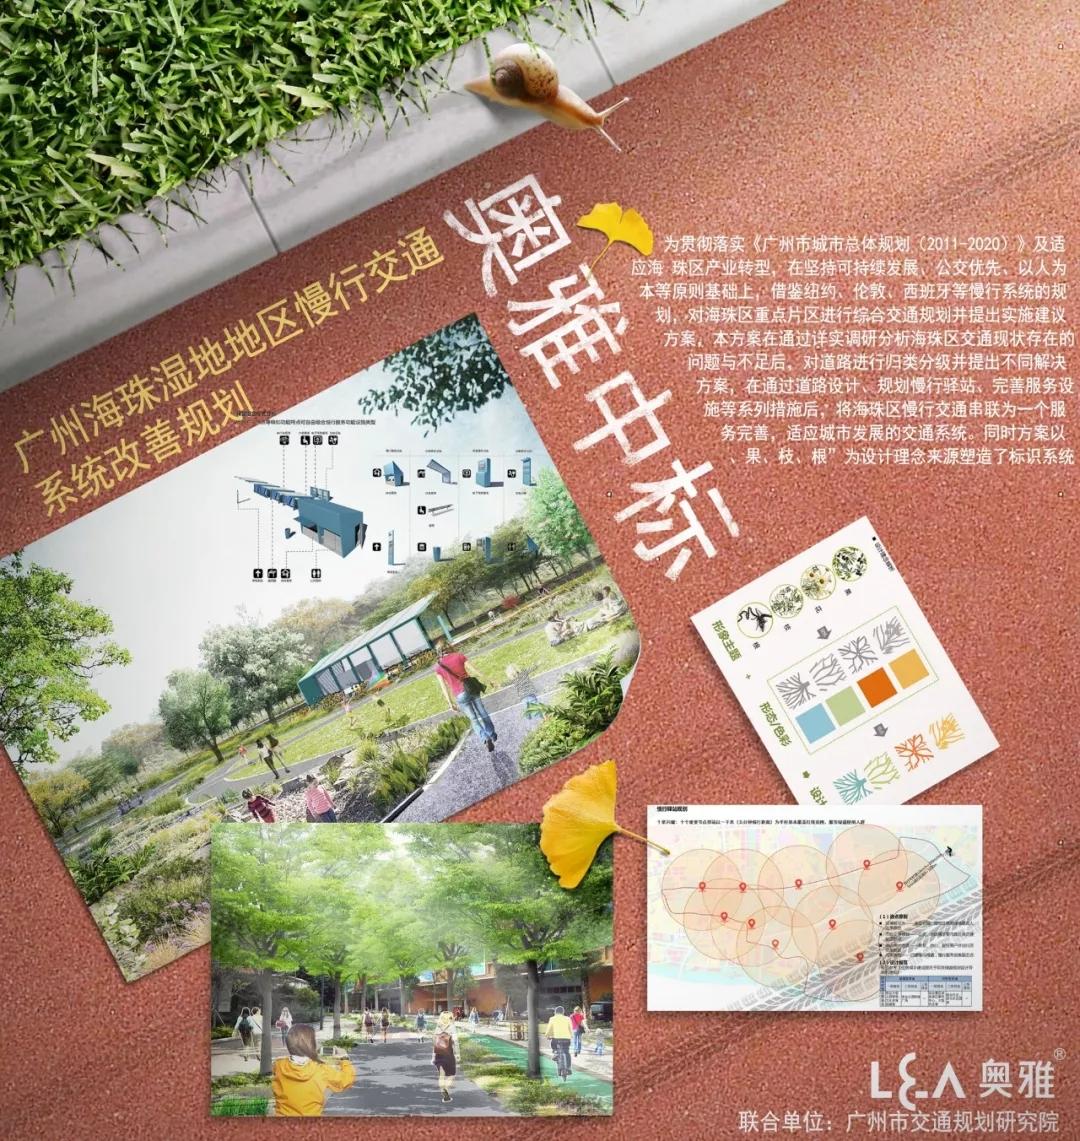 奥雅设计中标广州海珠湿地慢行交通改善规划项目